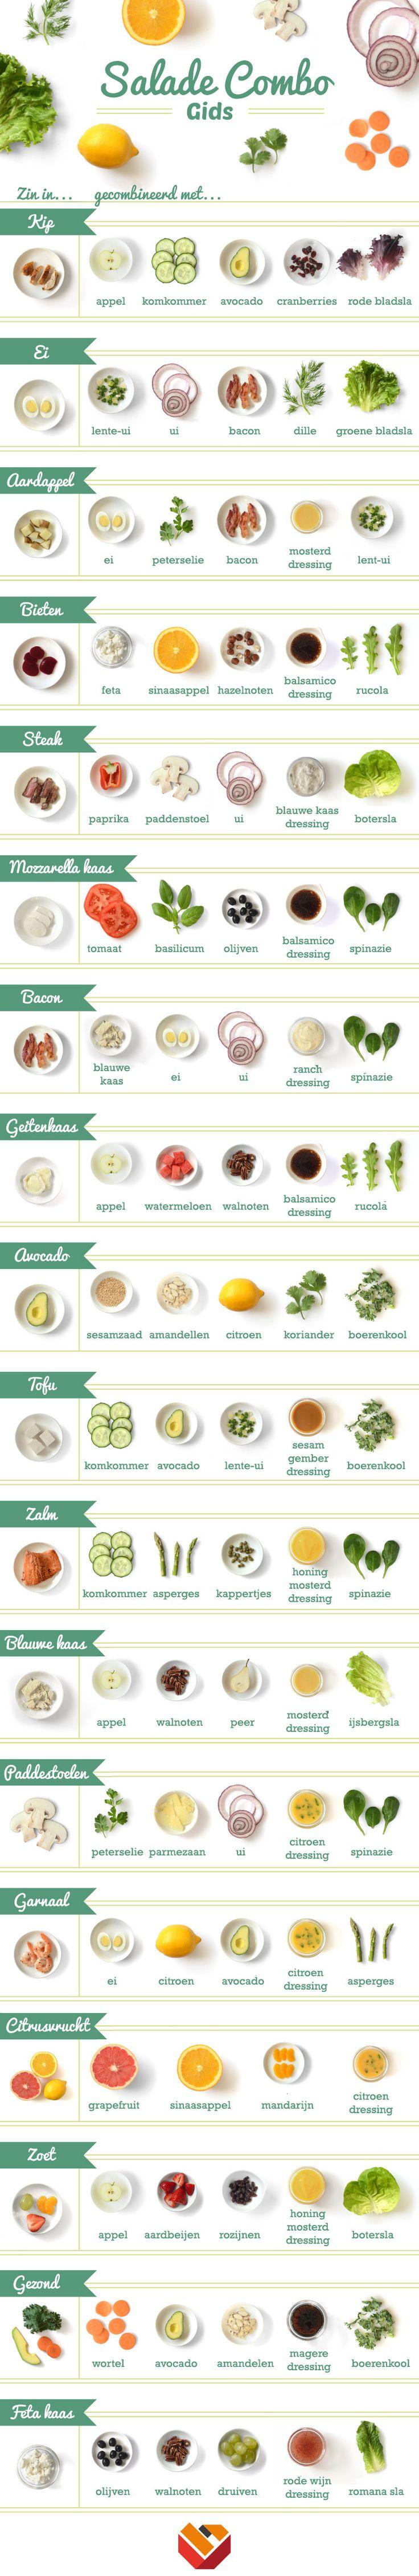 Salade combinatie gids